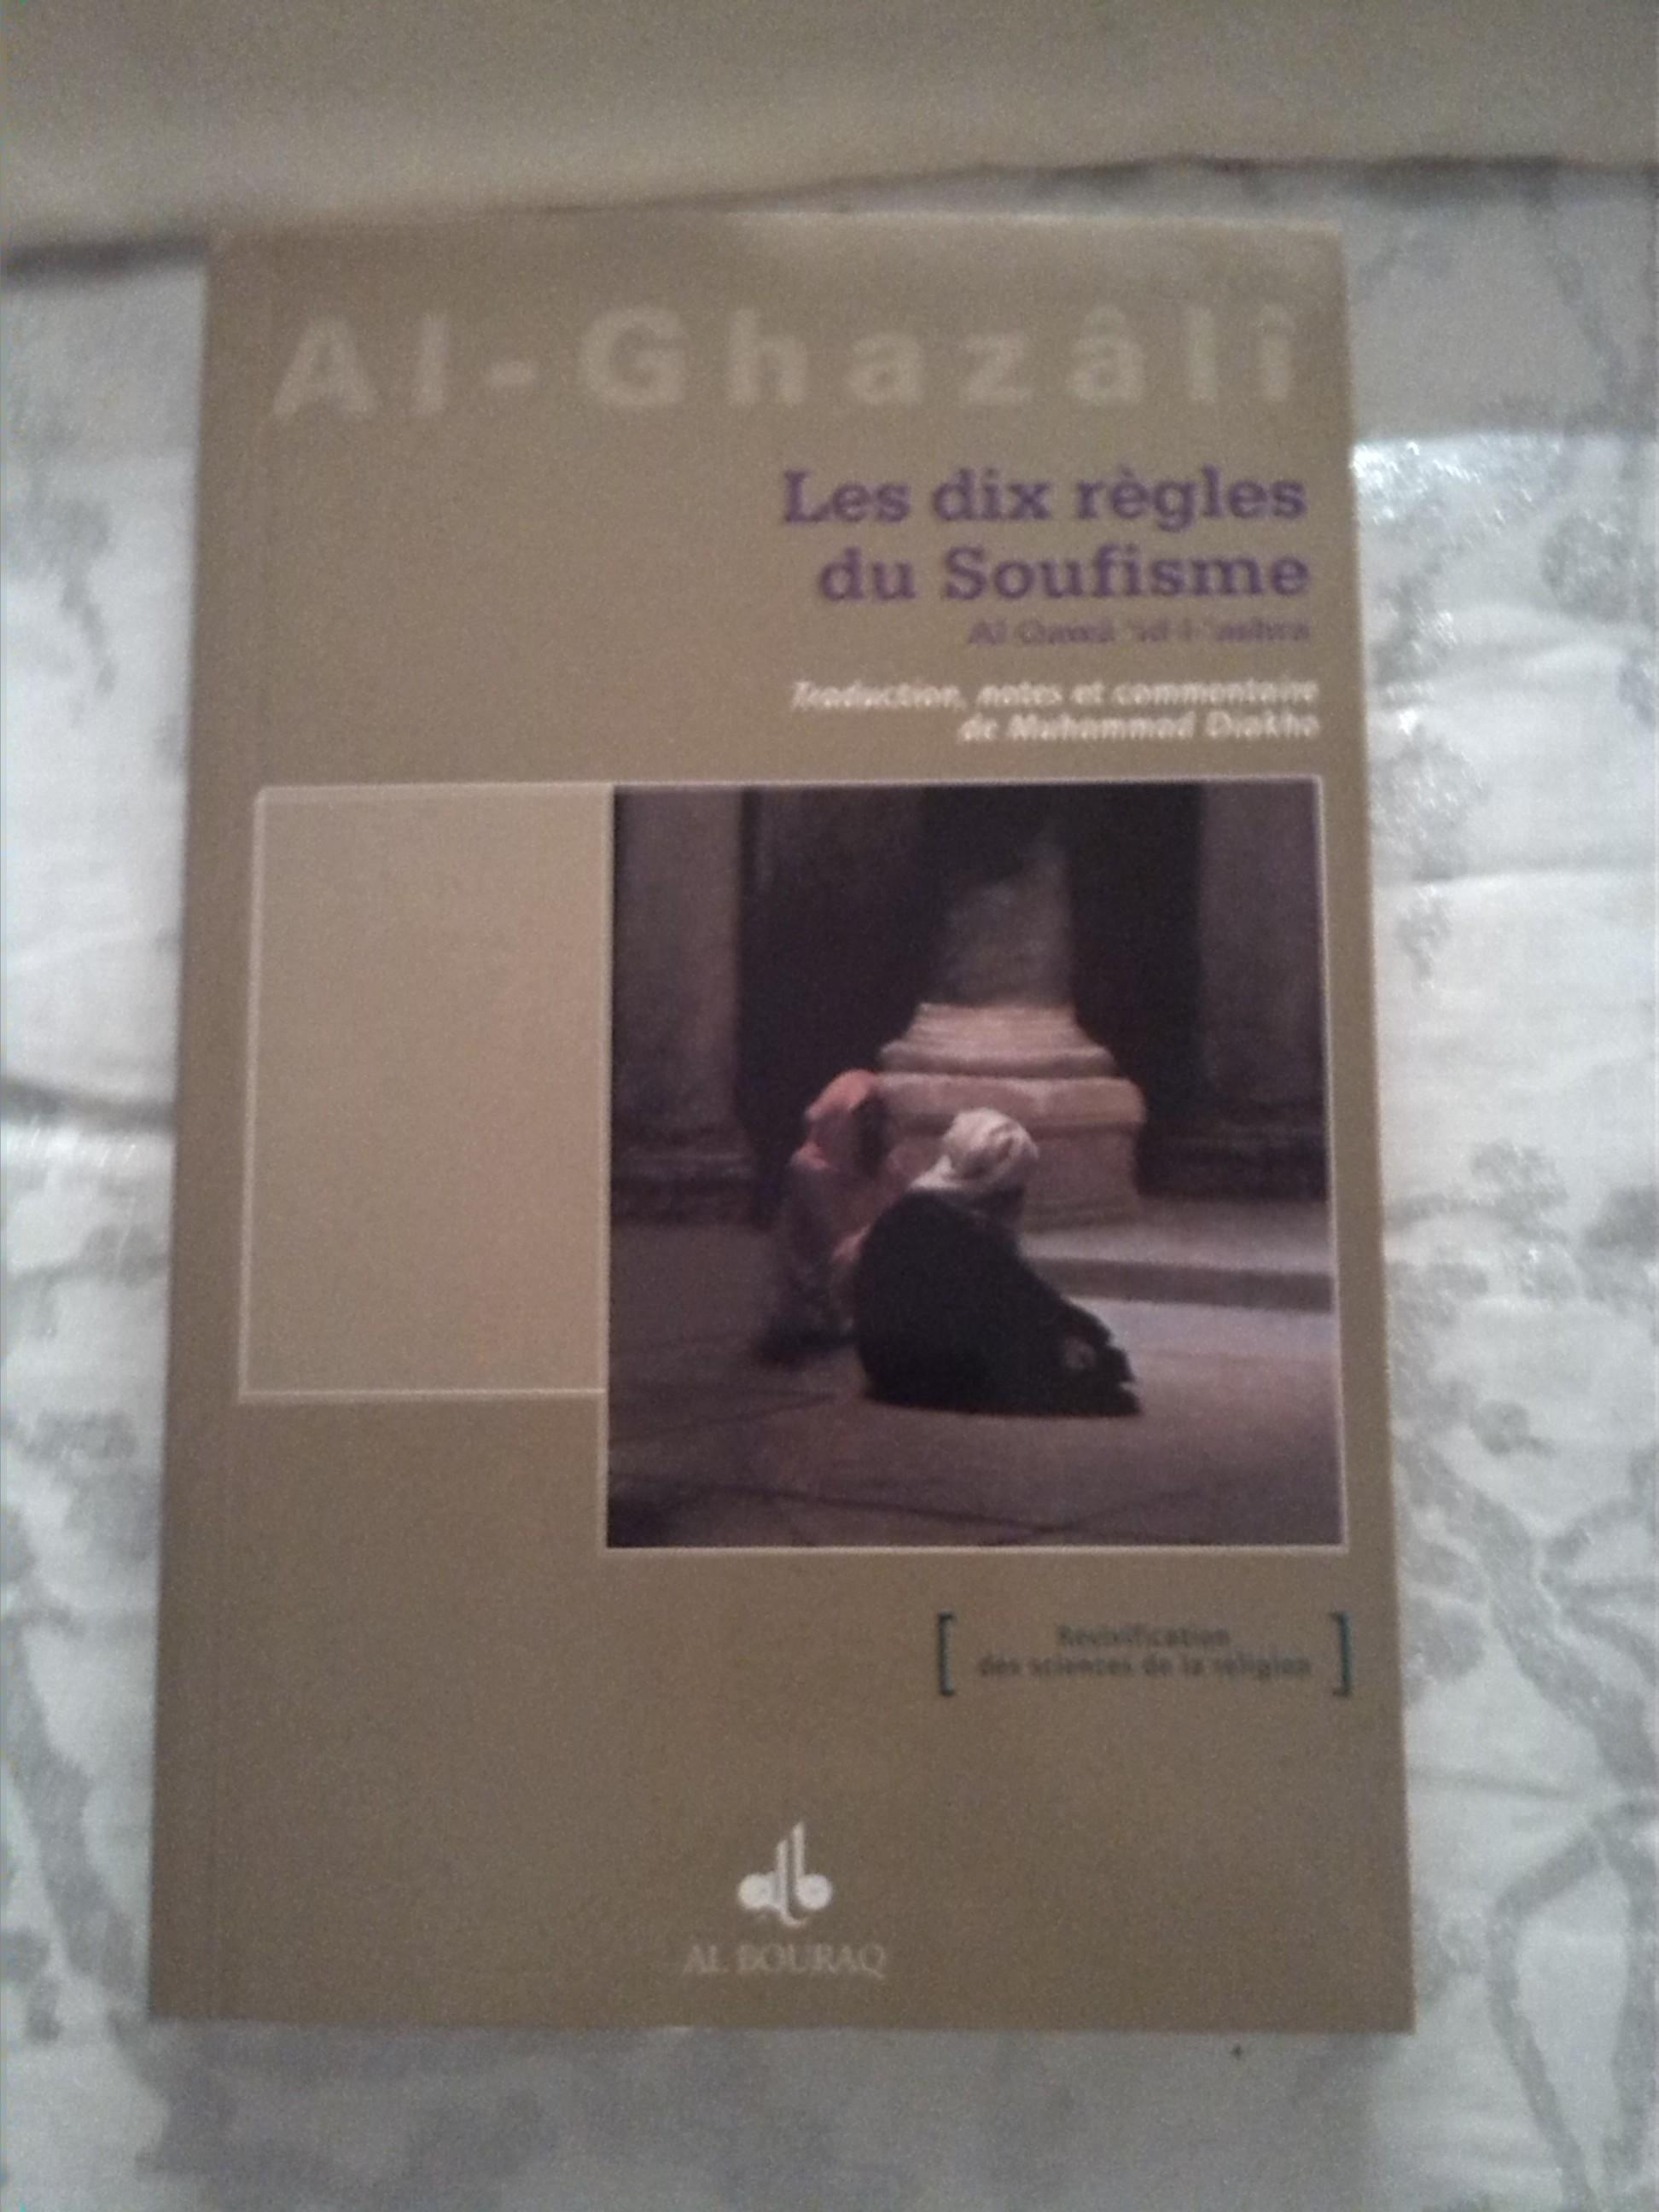 Les dix règles du soufisme, lecture pour adultes en vente chez Zappandoo.